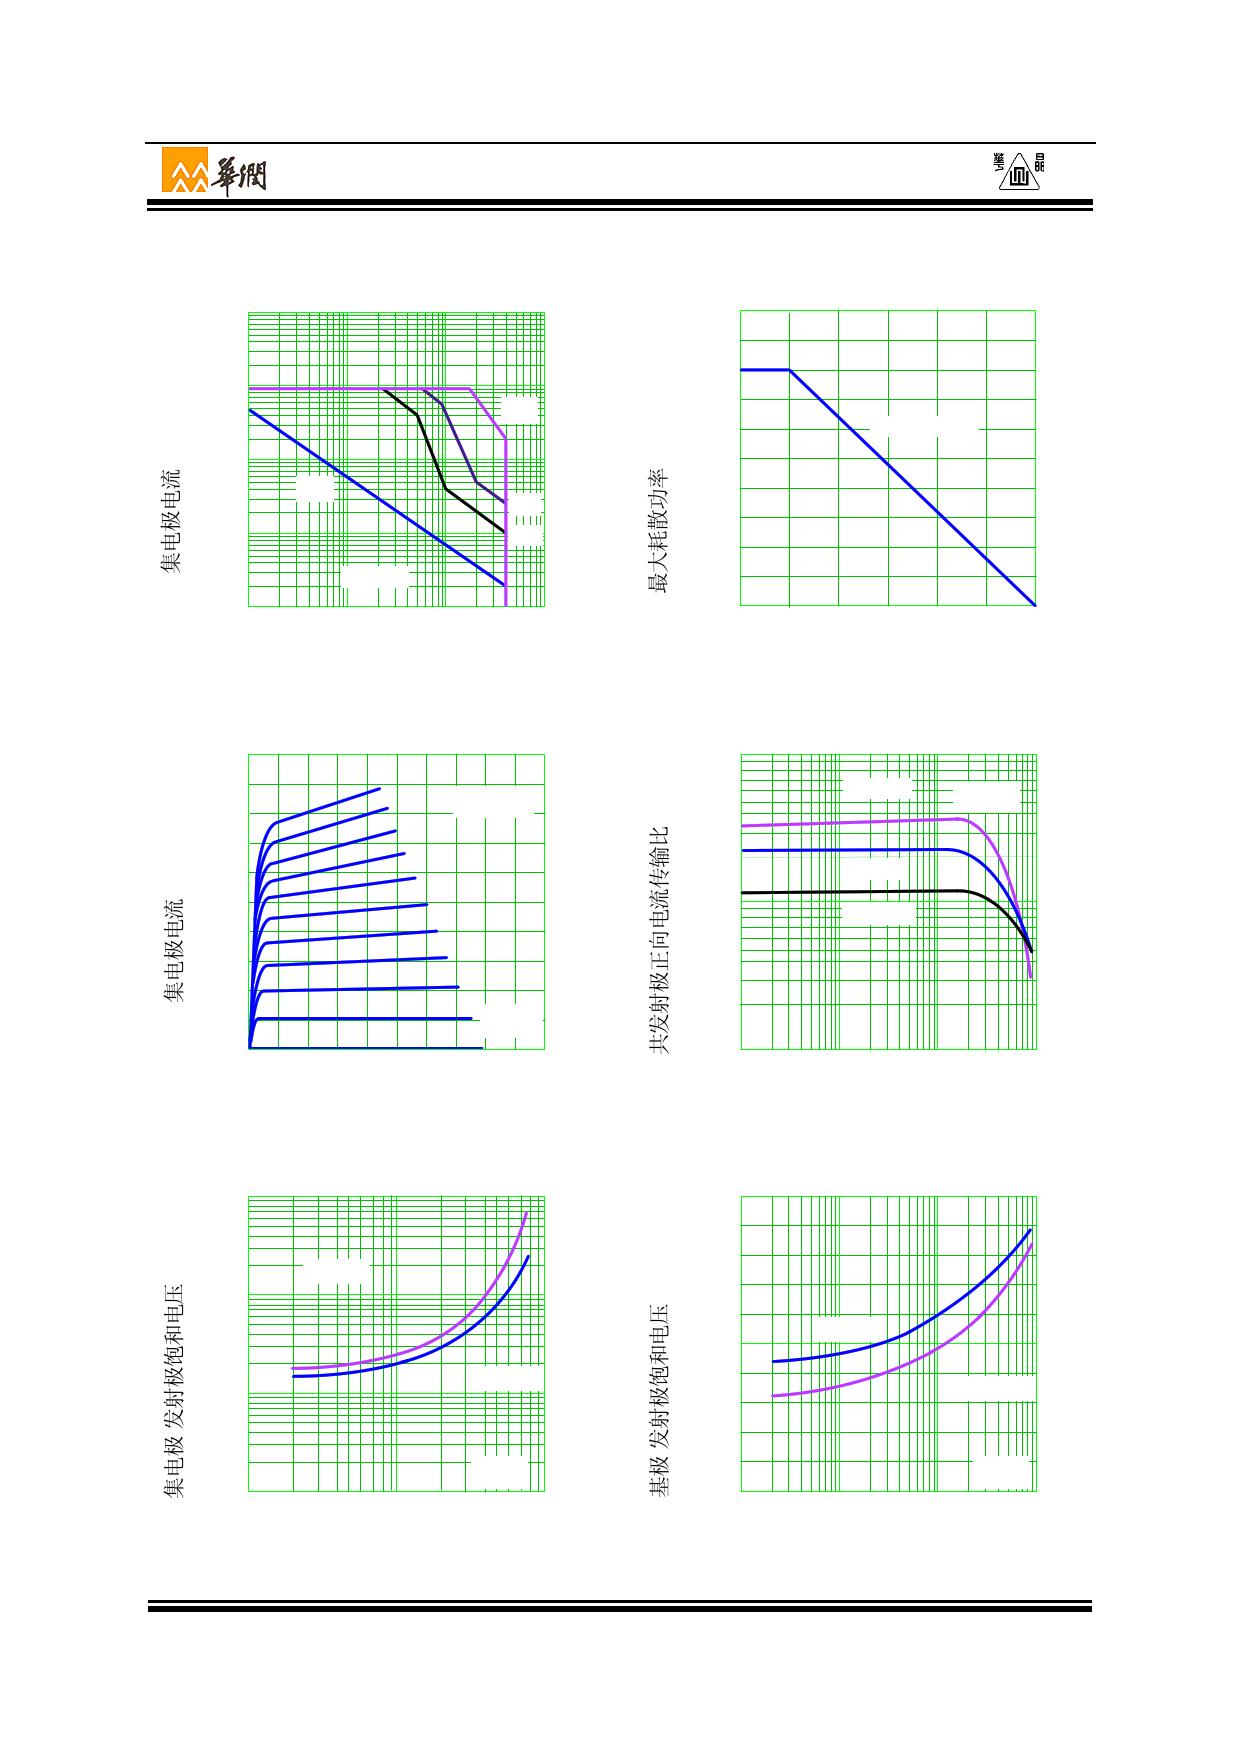 3DG2482HA1 pdf, ピン配列